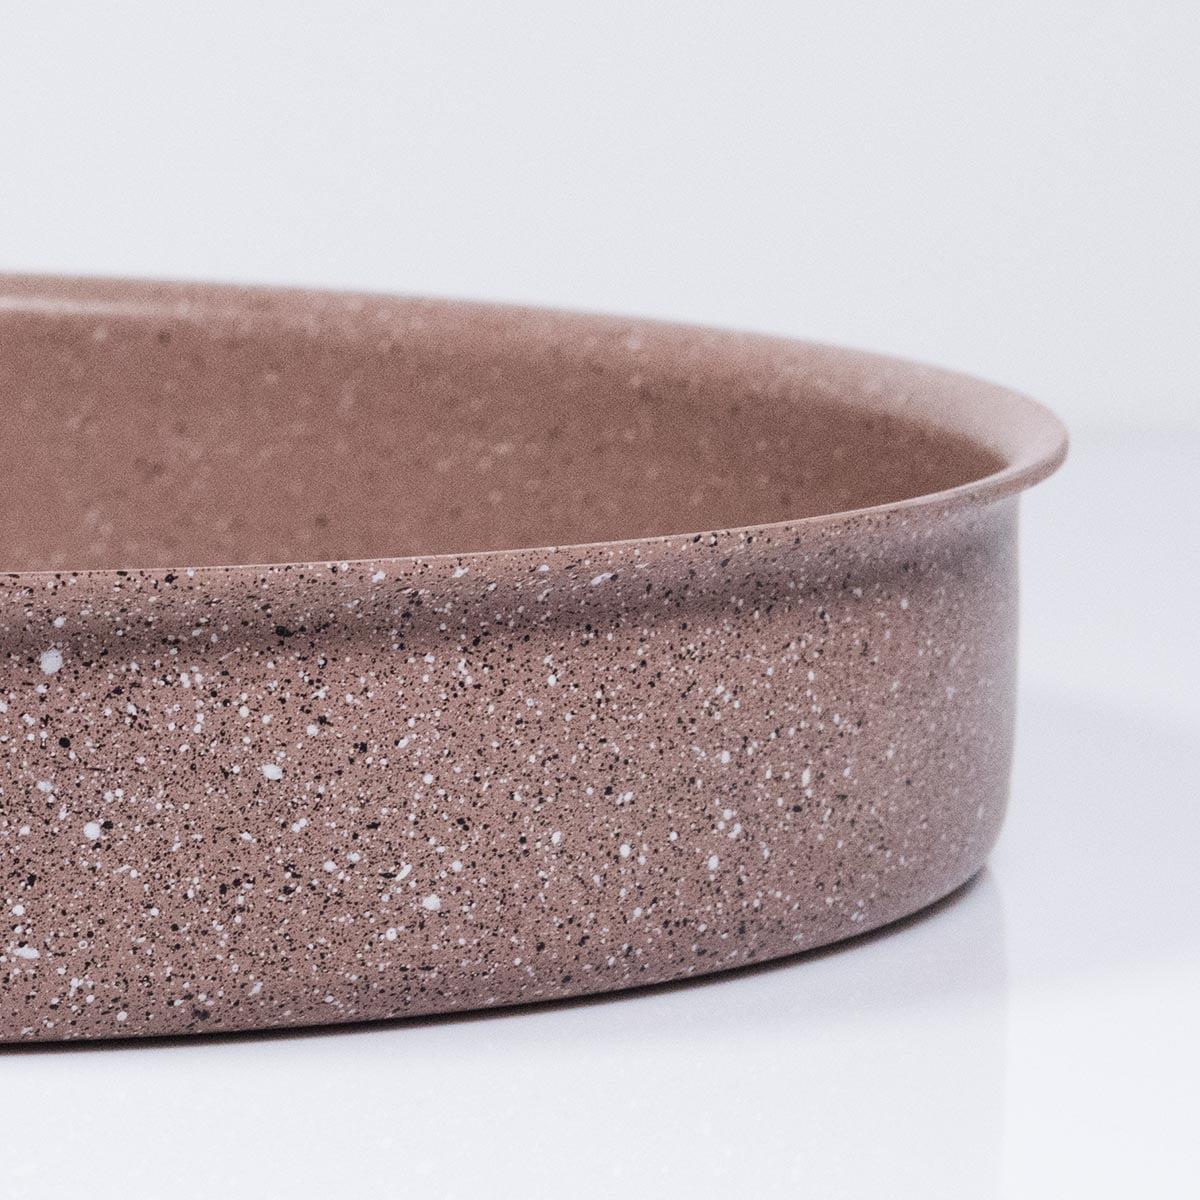 Plitka granitna posuda / tepsija - 3412 BROWN ivica posude